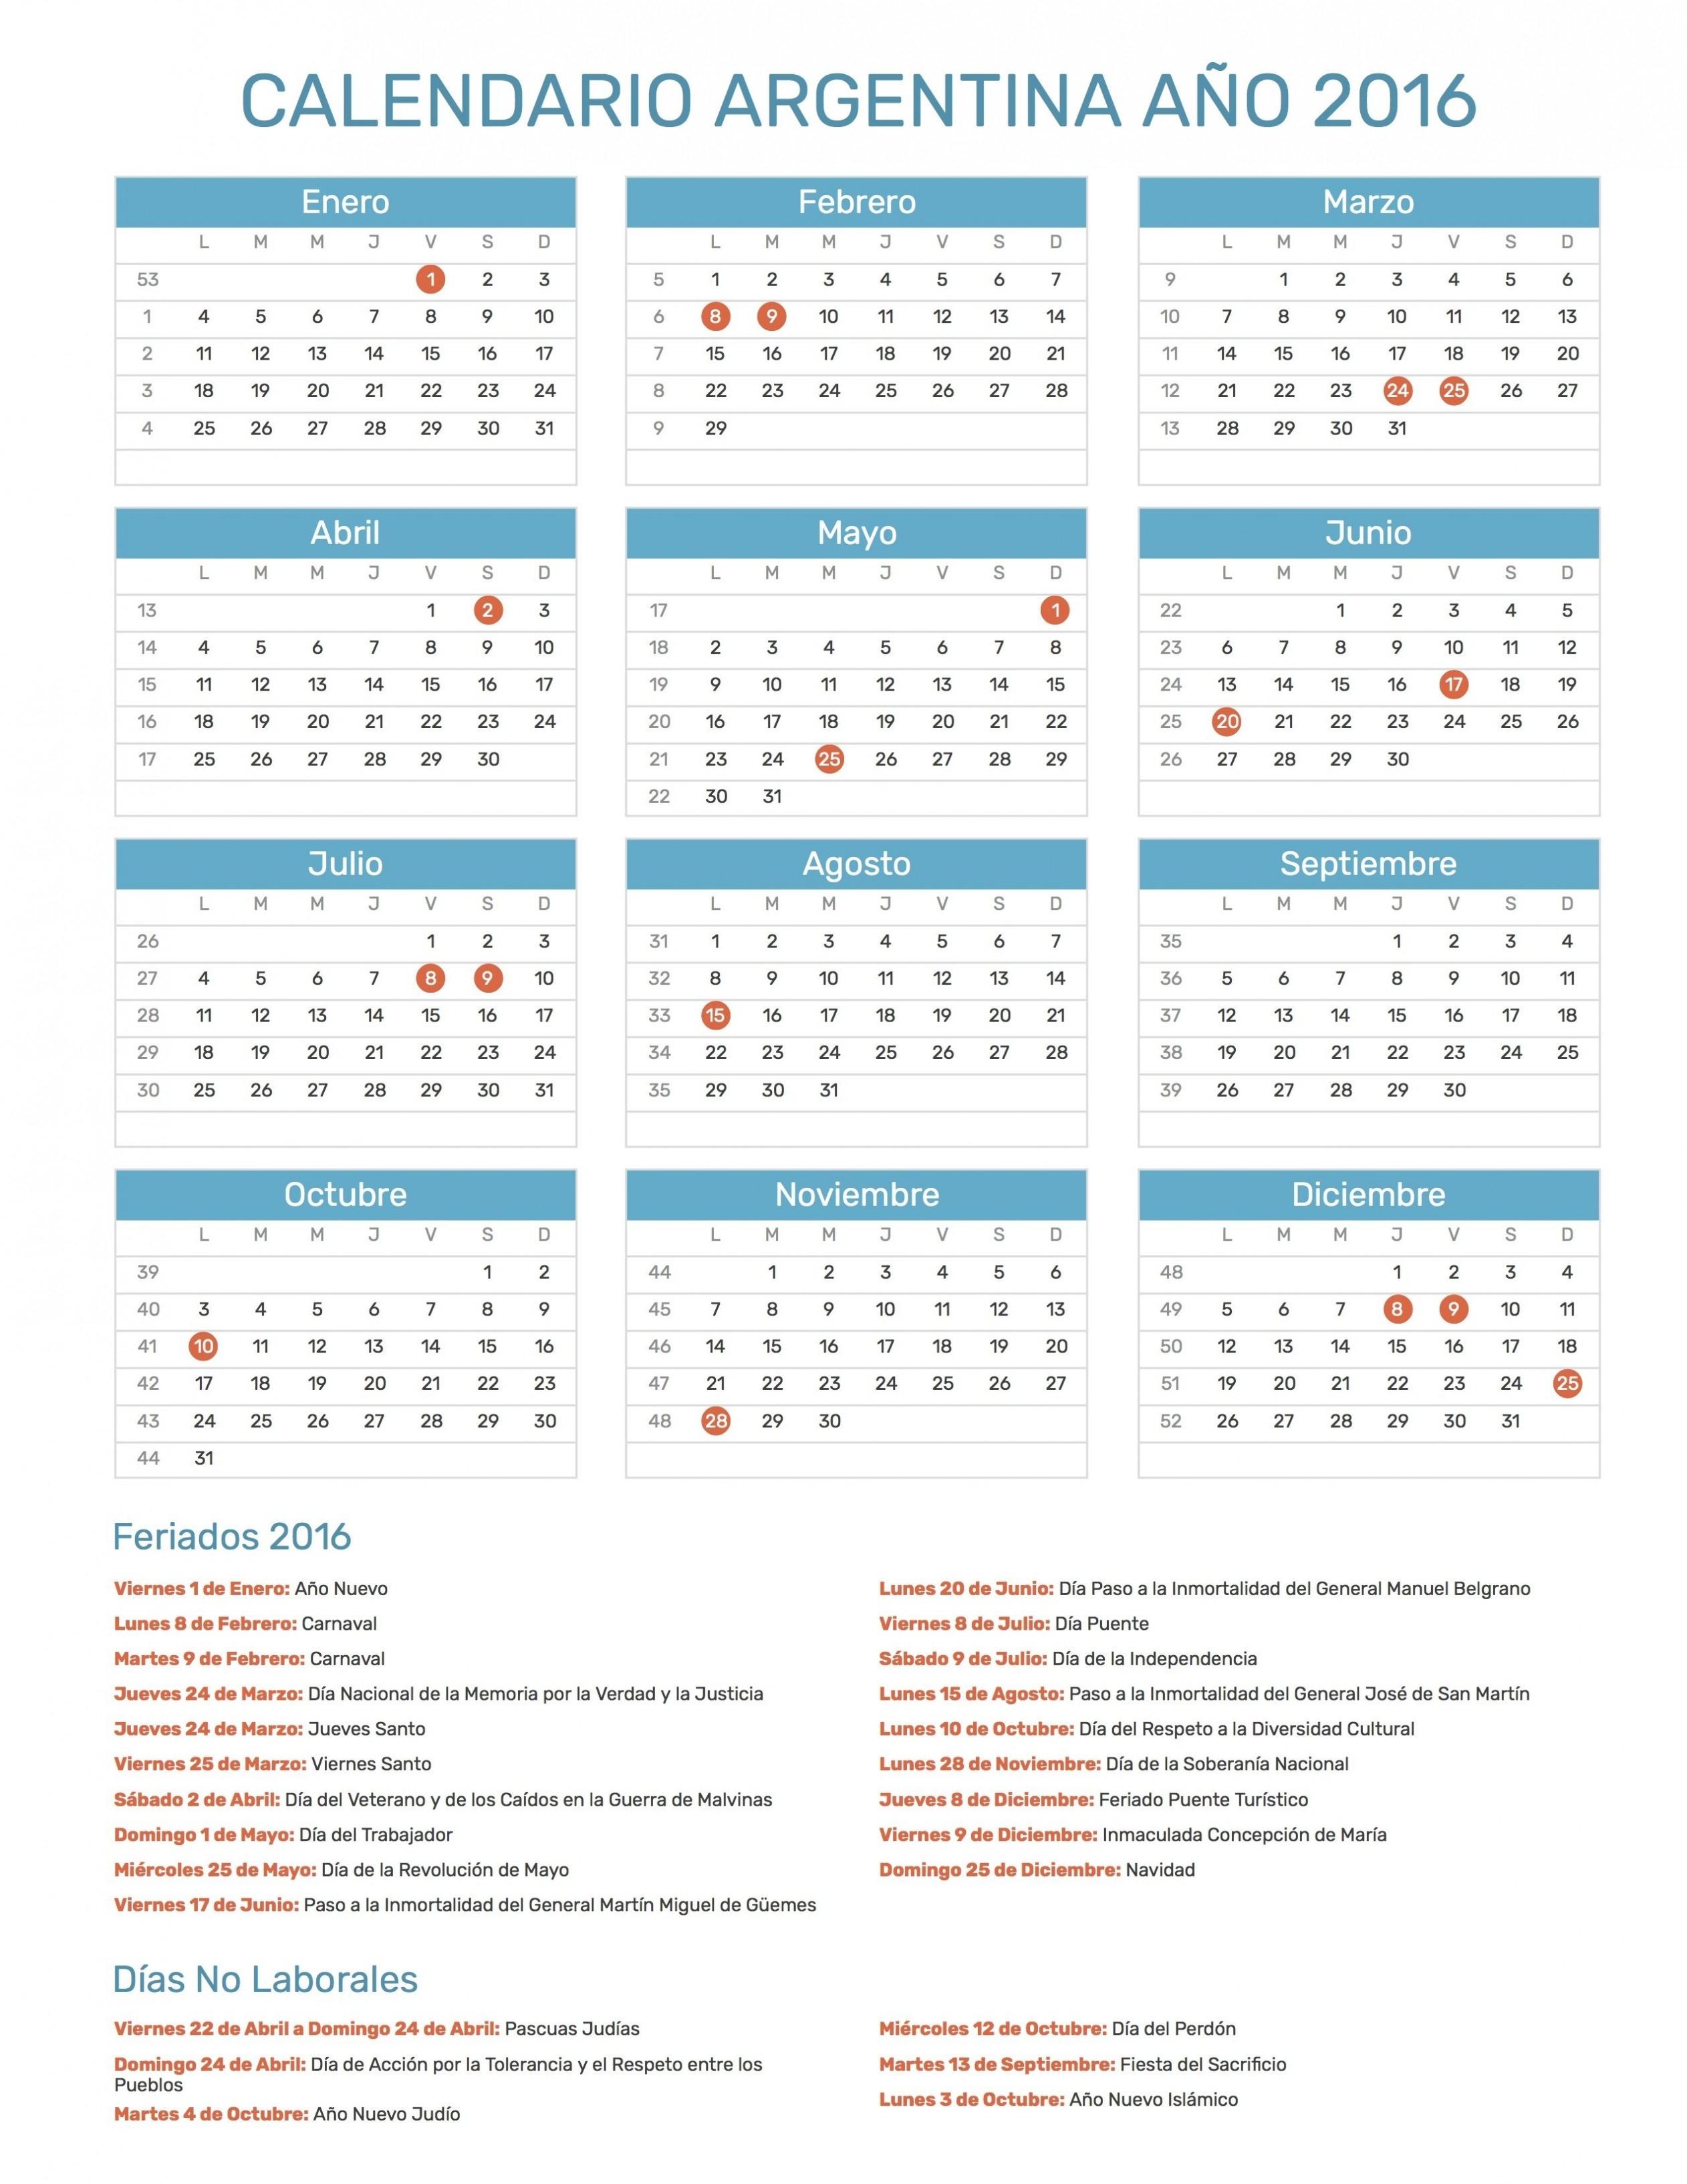 Image de Calendario De Argentina Con Feriados Nacionales A±o 2016 Incluye – Festivos